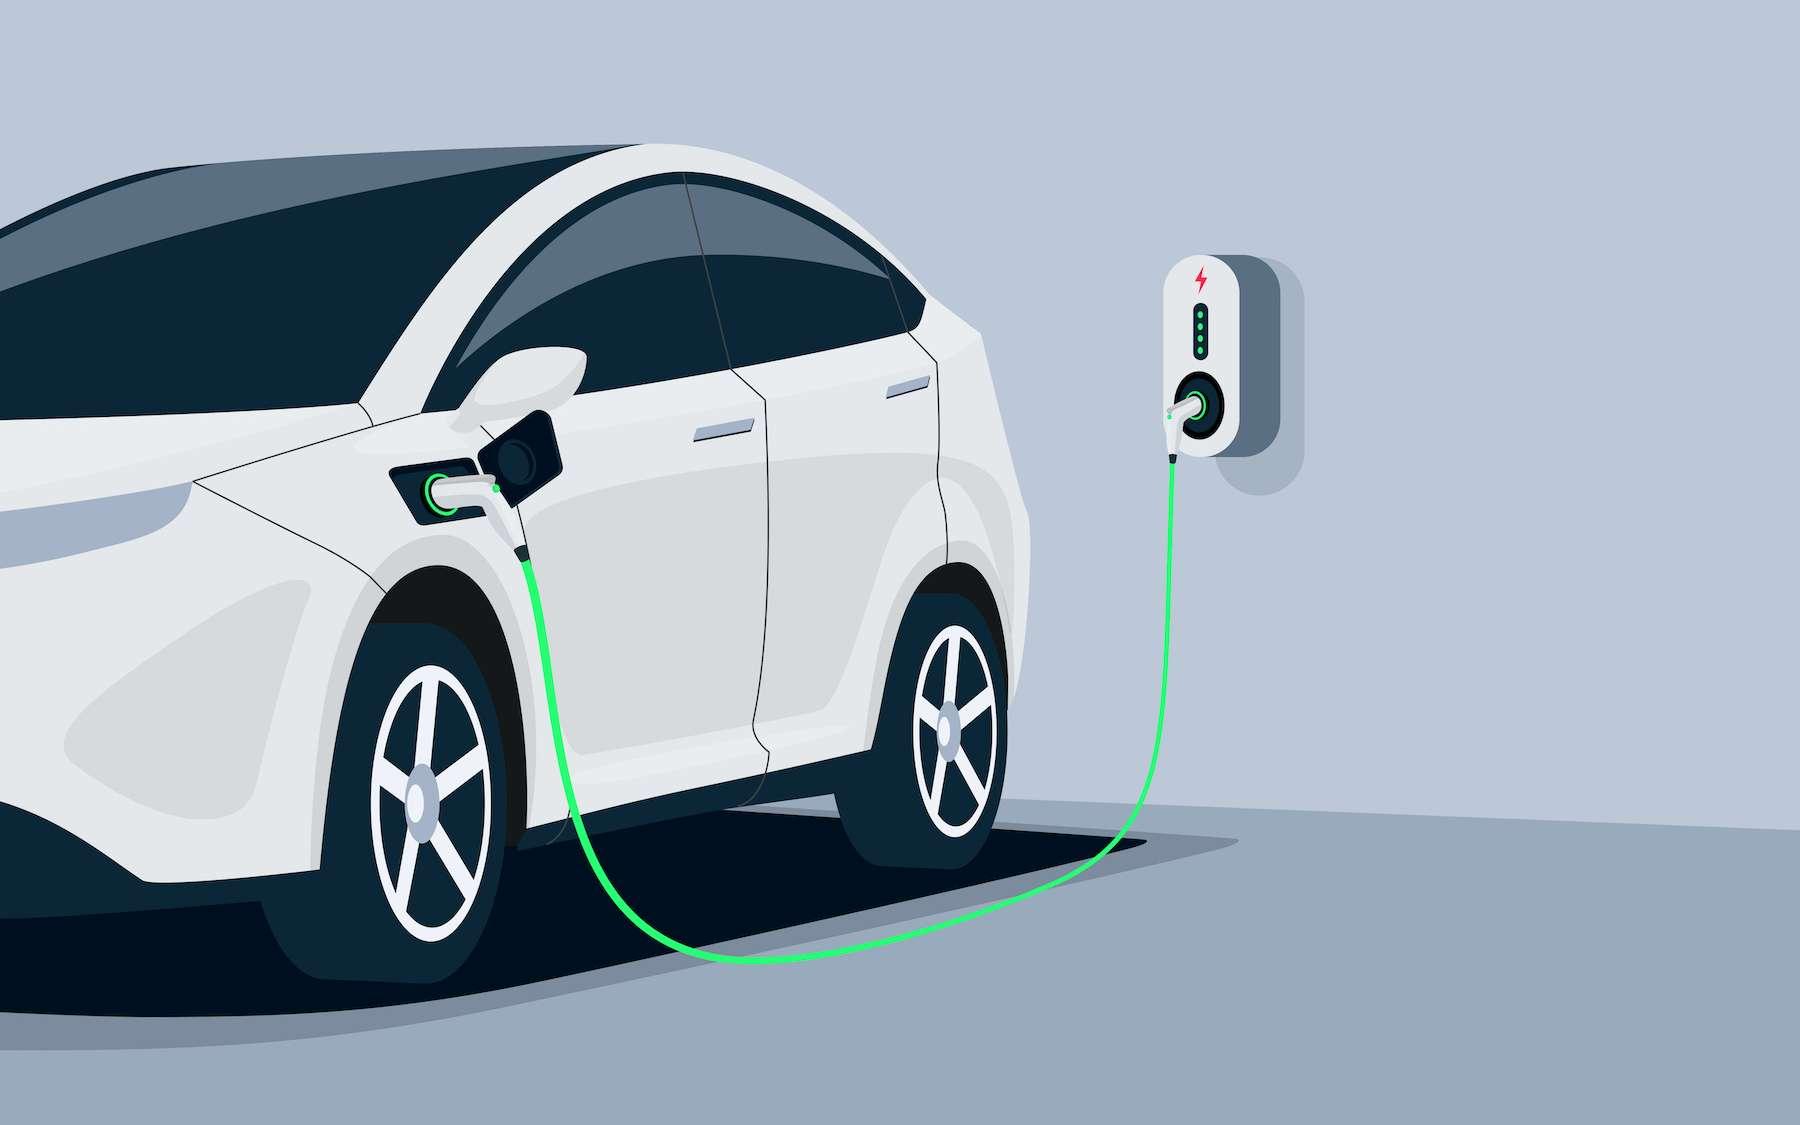 Installer une borne de recharge électrique chez soi. © petovarga, Adobe Stock